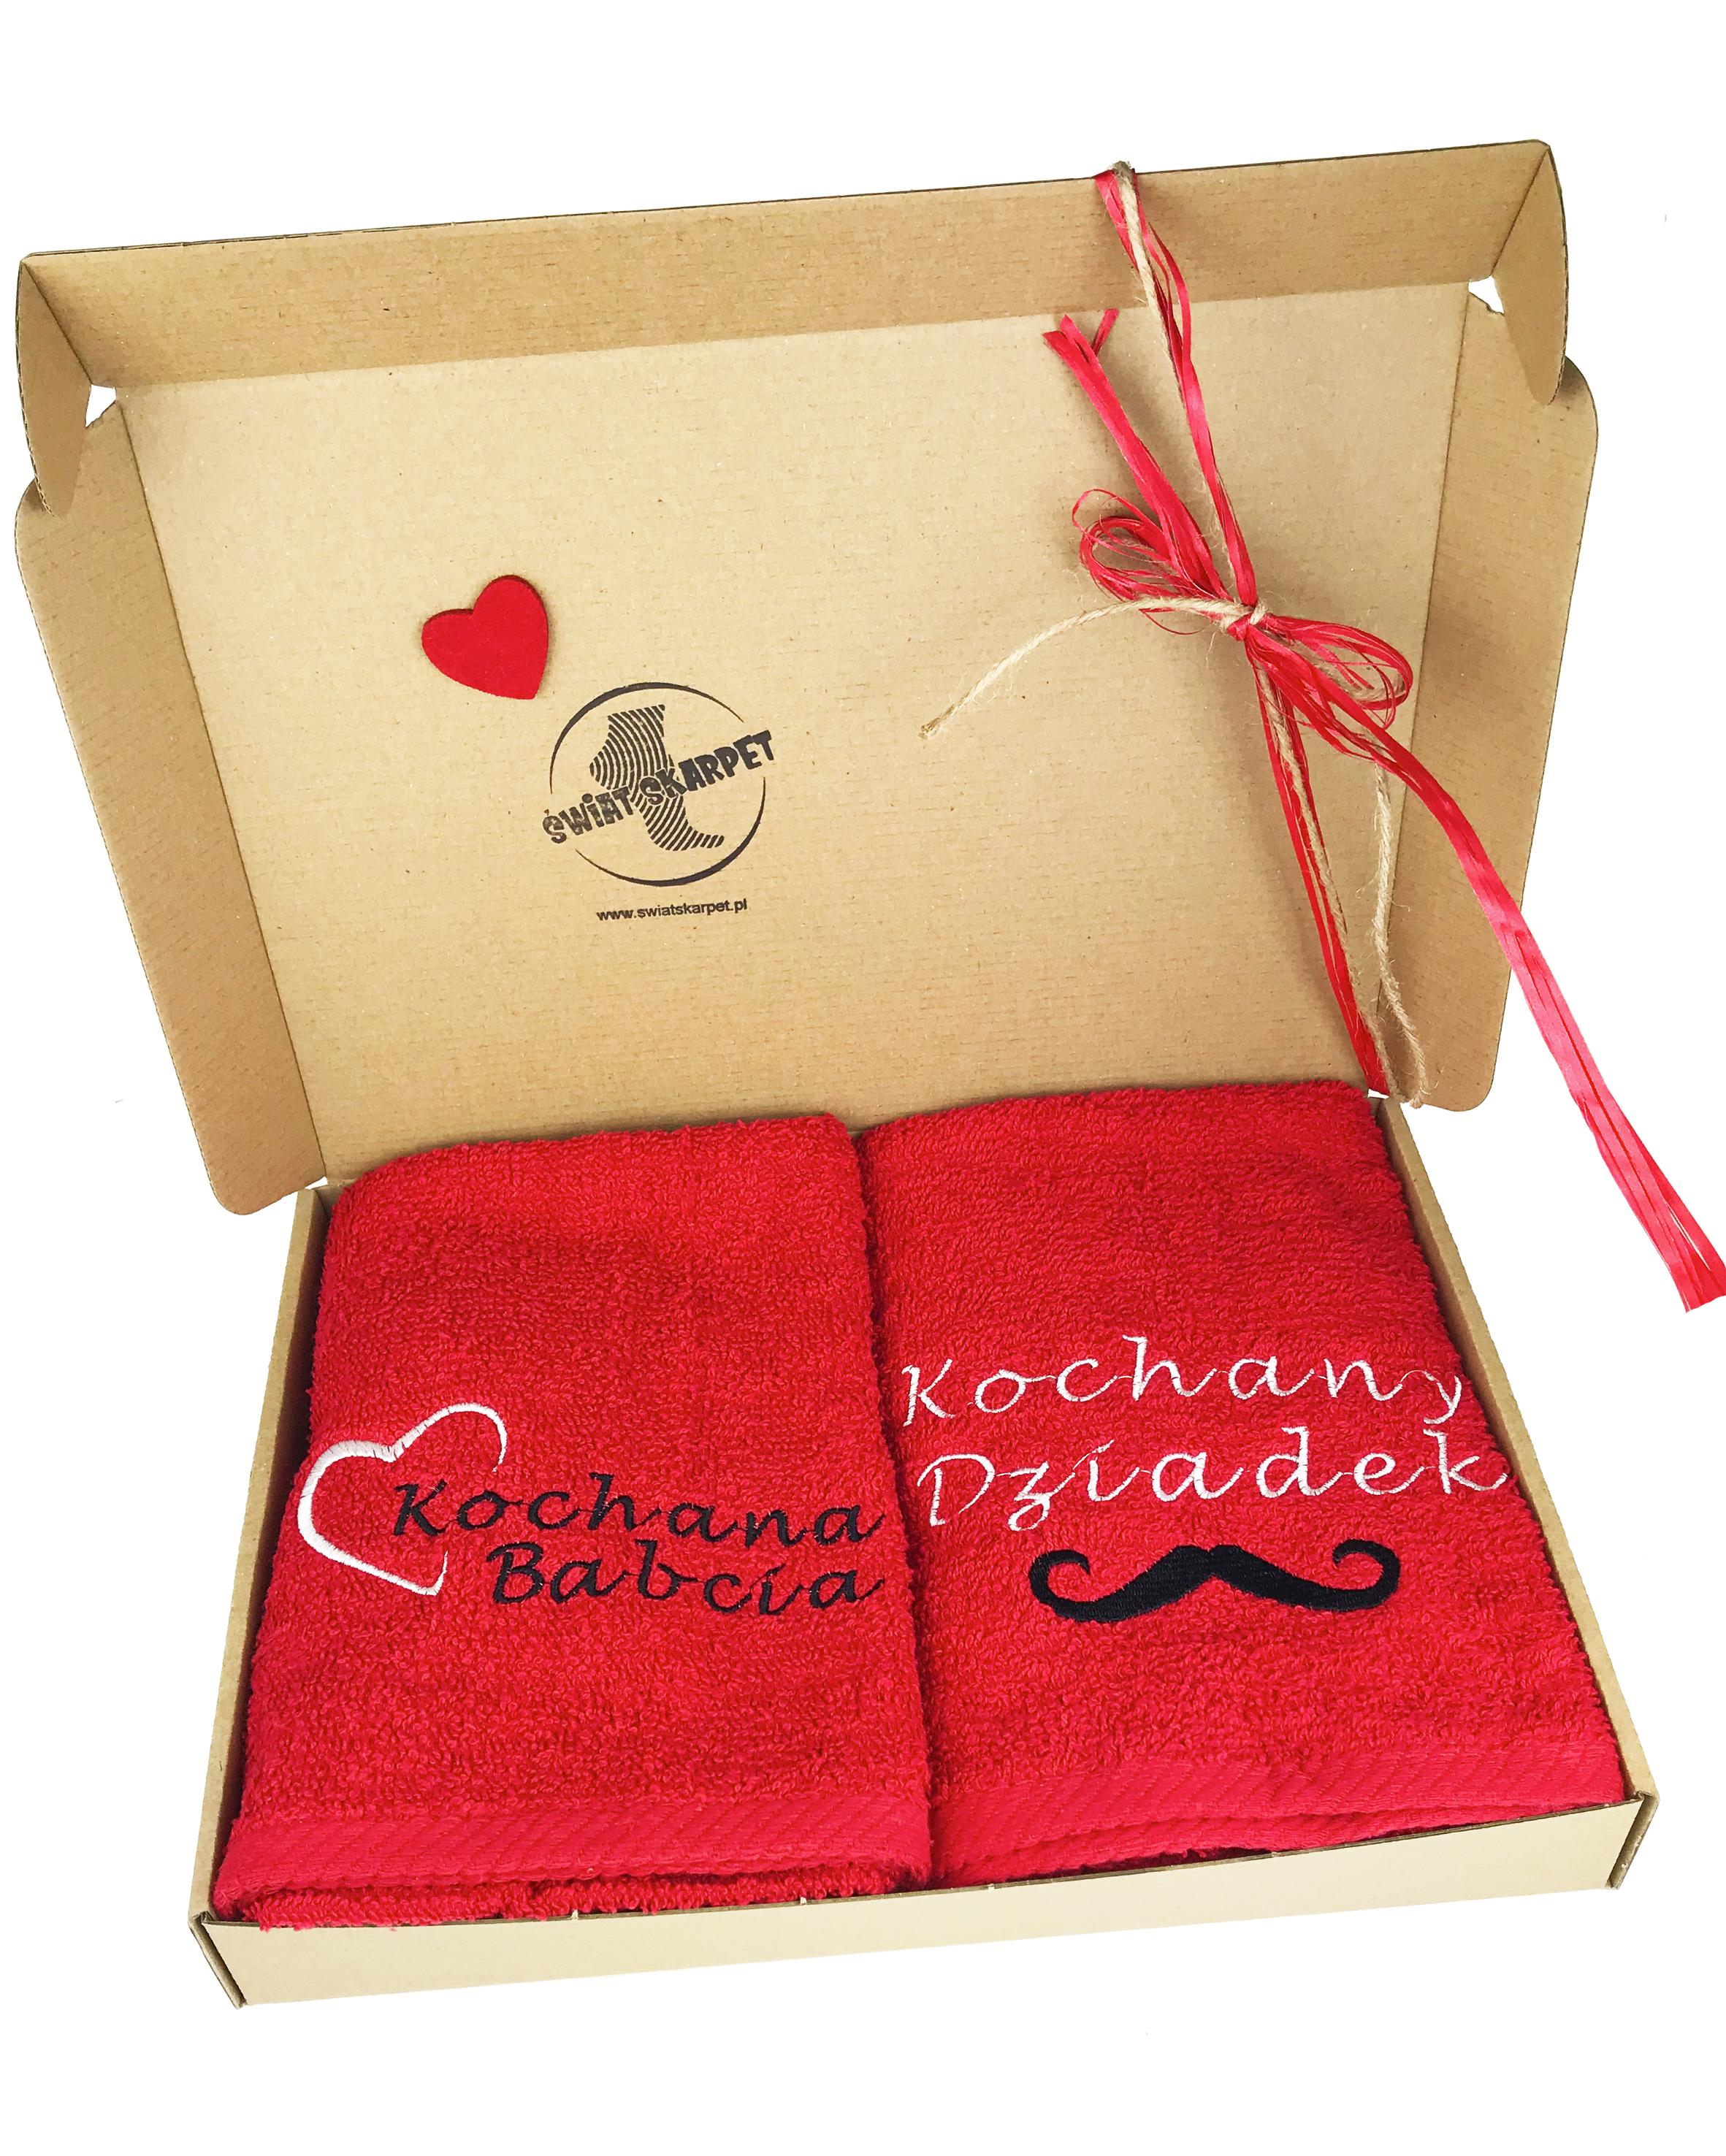 Zestaw 2 ręczników frotte z motywem kochana babcia oraz kochany dziadek. Opakowane w eleganckie pudelko.